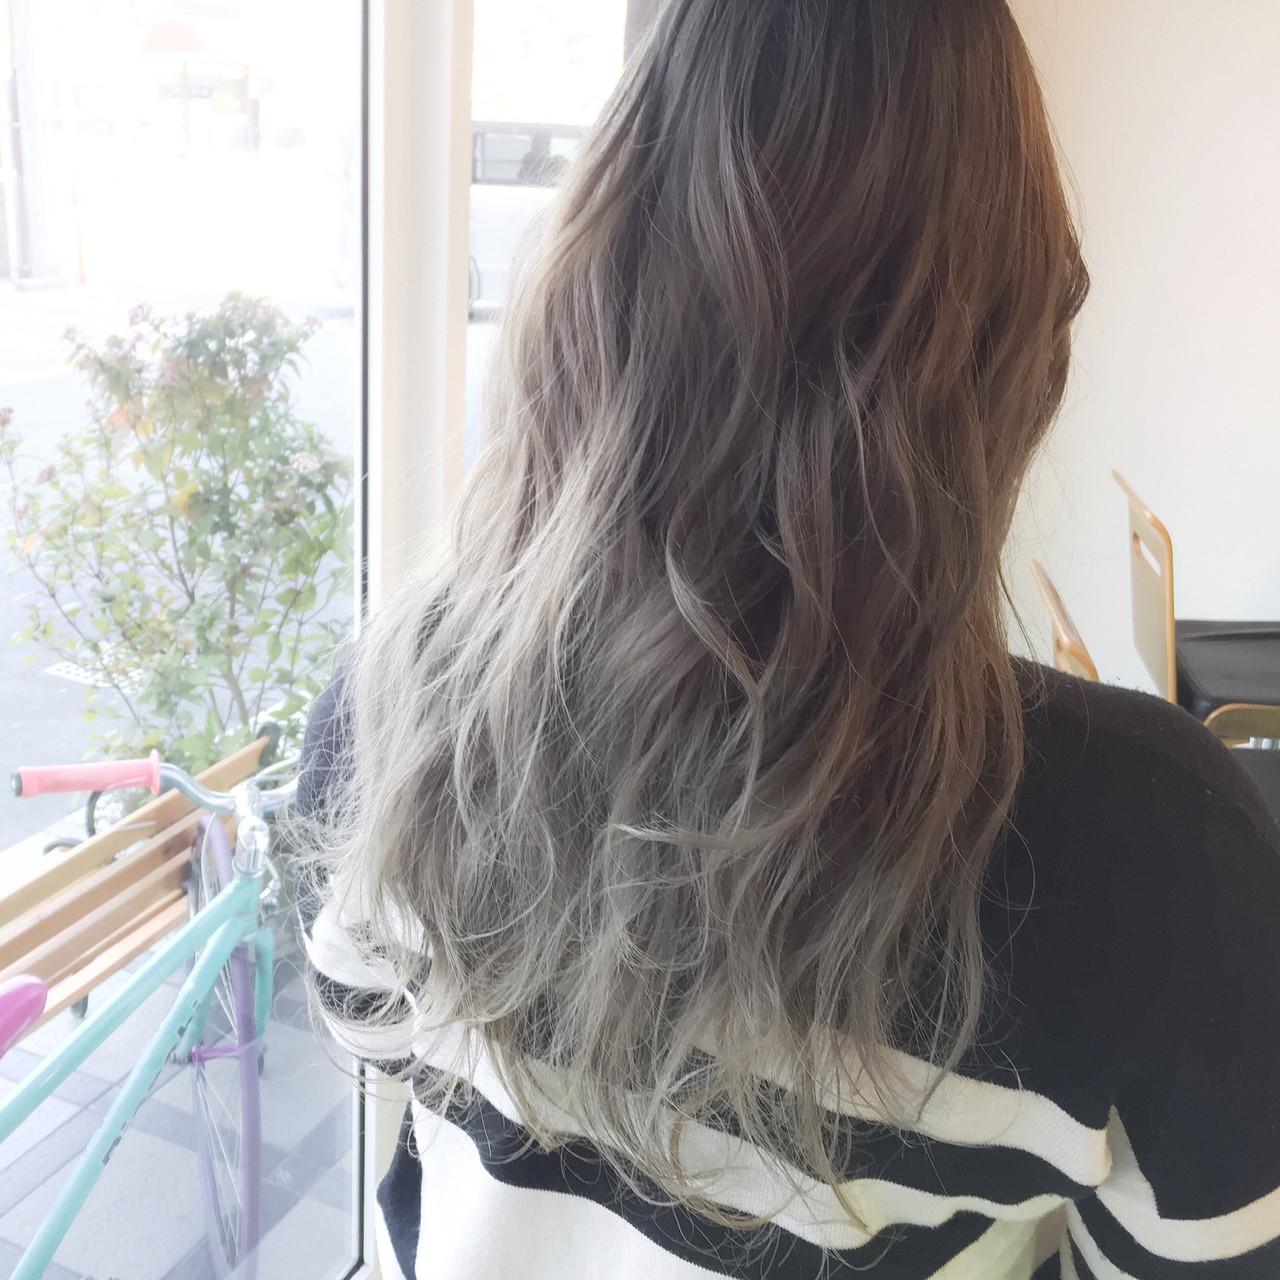 ホワイトアッシュ グラデーションカラー ハイライト ロング ヘアスタイルや髪型の写真・画像